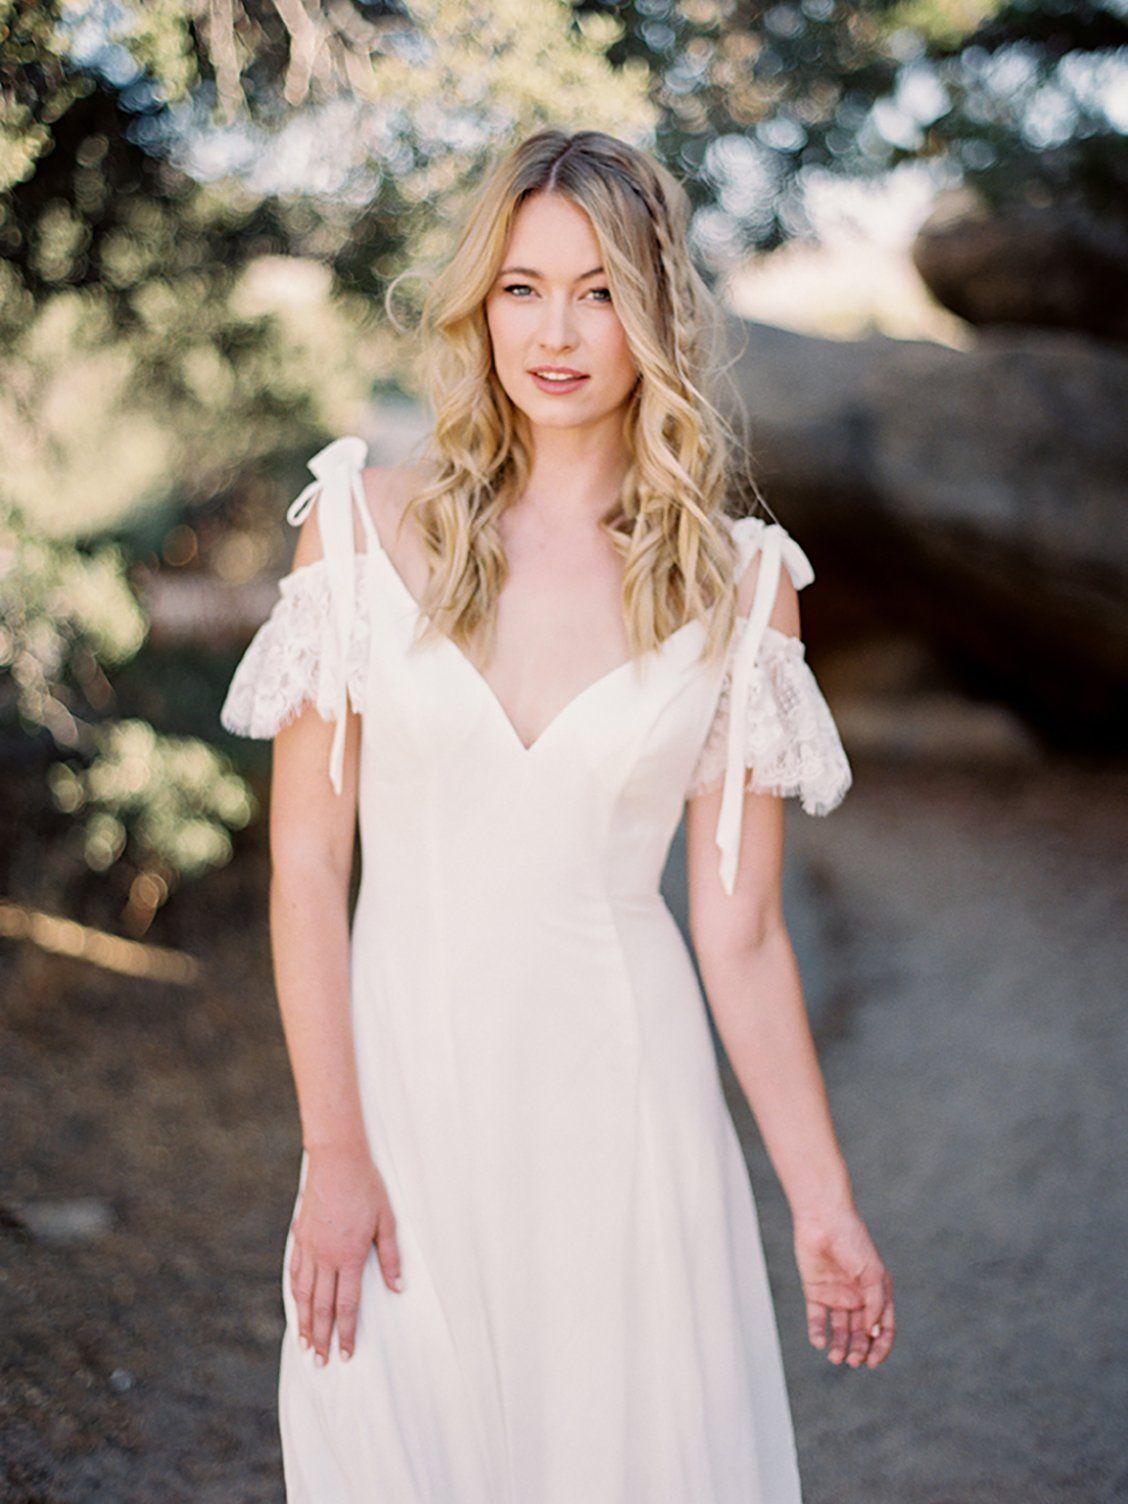 Roseu wilderly bride allure bridal pinterest forest wedding